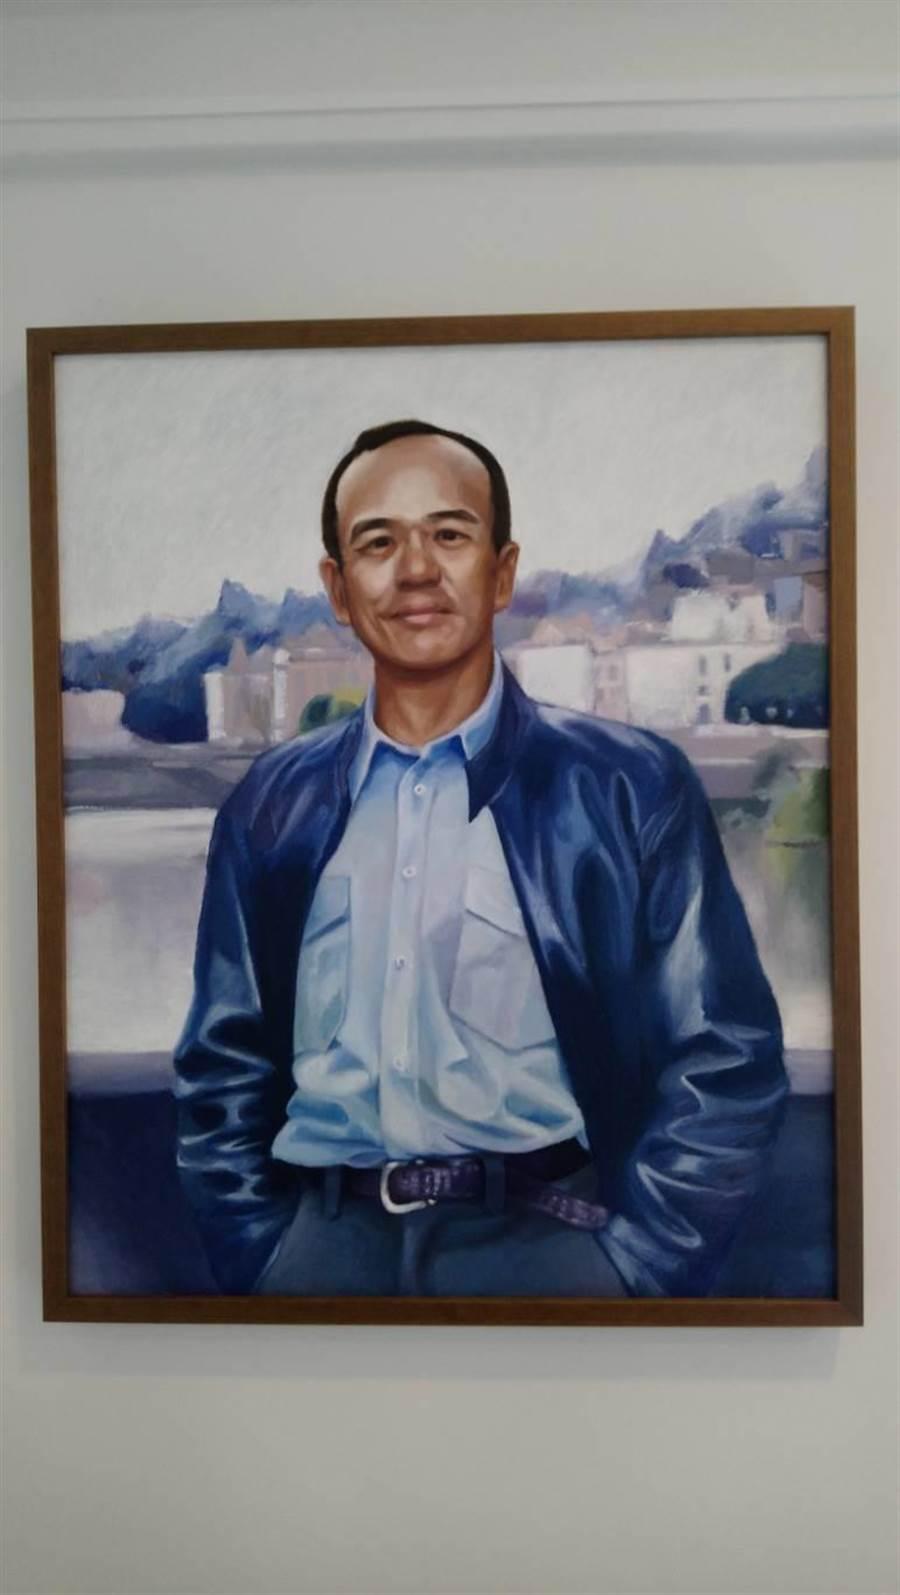 聯聚建設提供獎金舉辦「JIMMY HOUSE油畫創作徵選」,該畫作拿下第一名。(圖/曾麗芳)